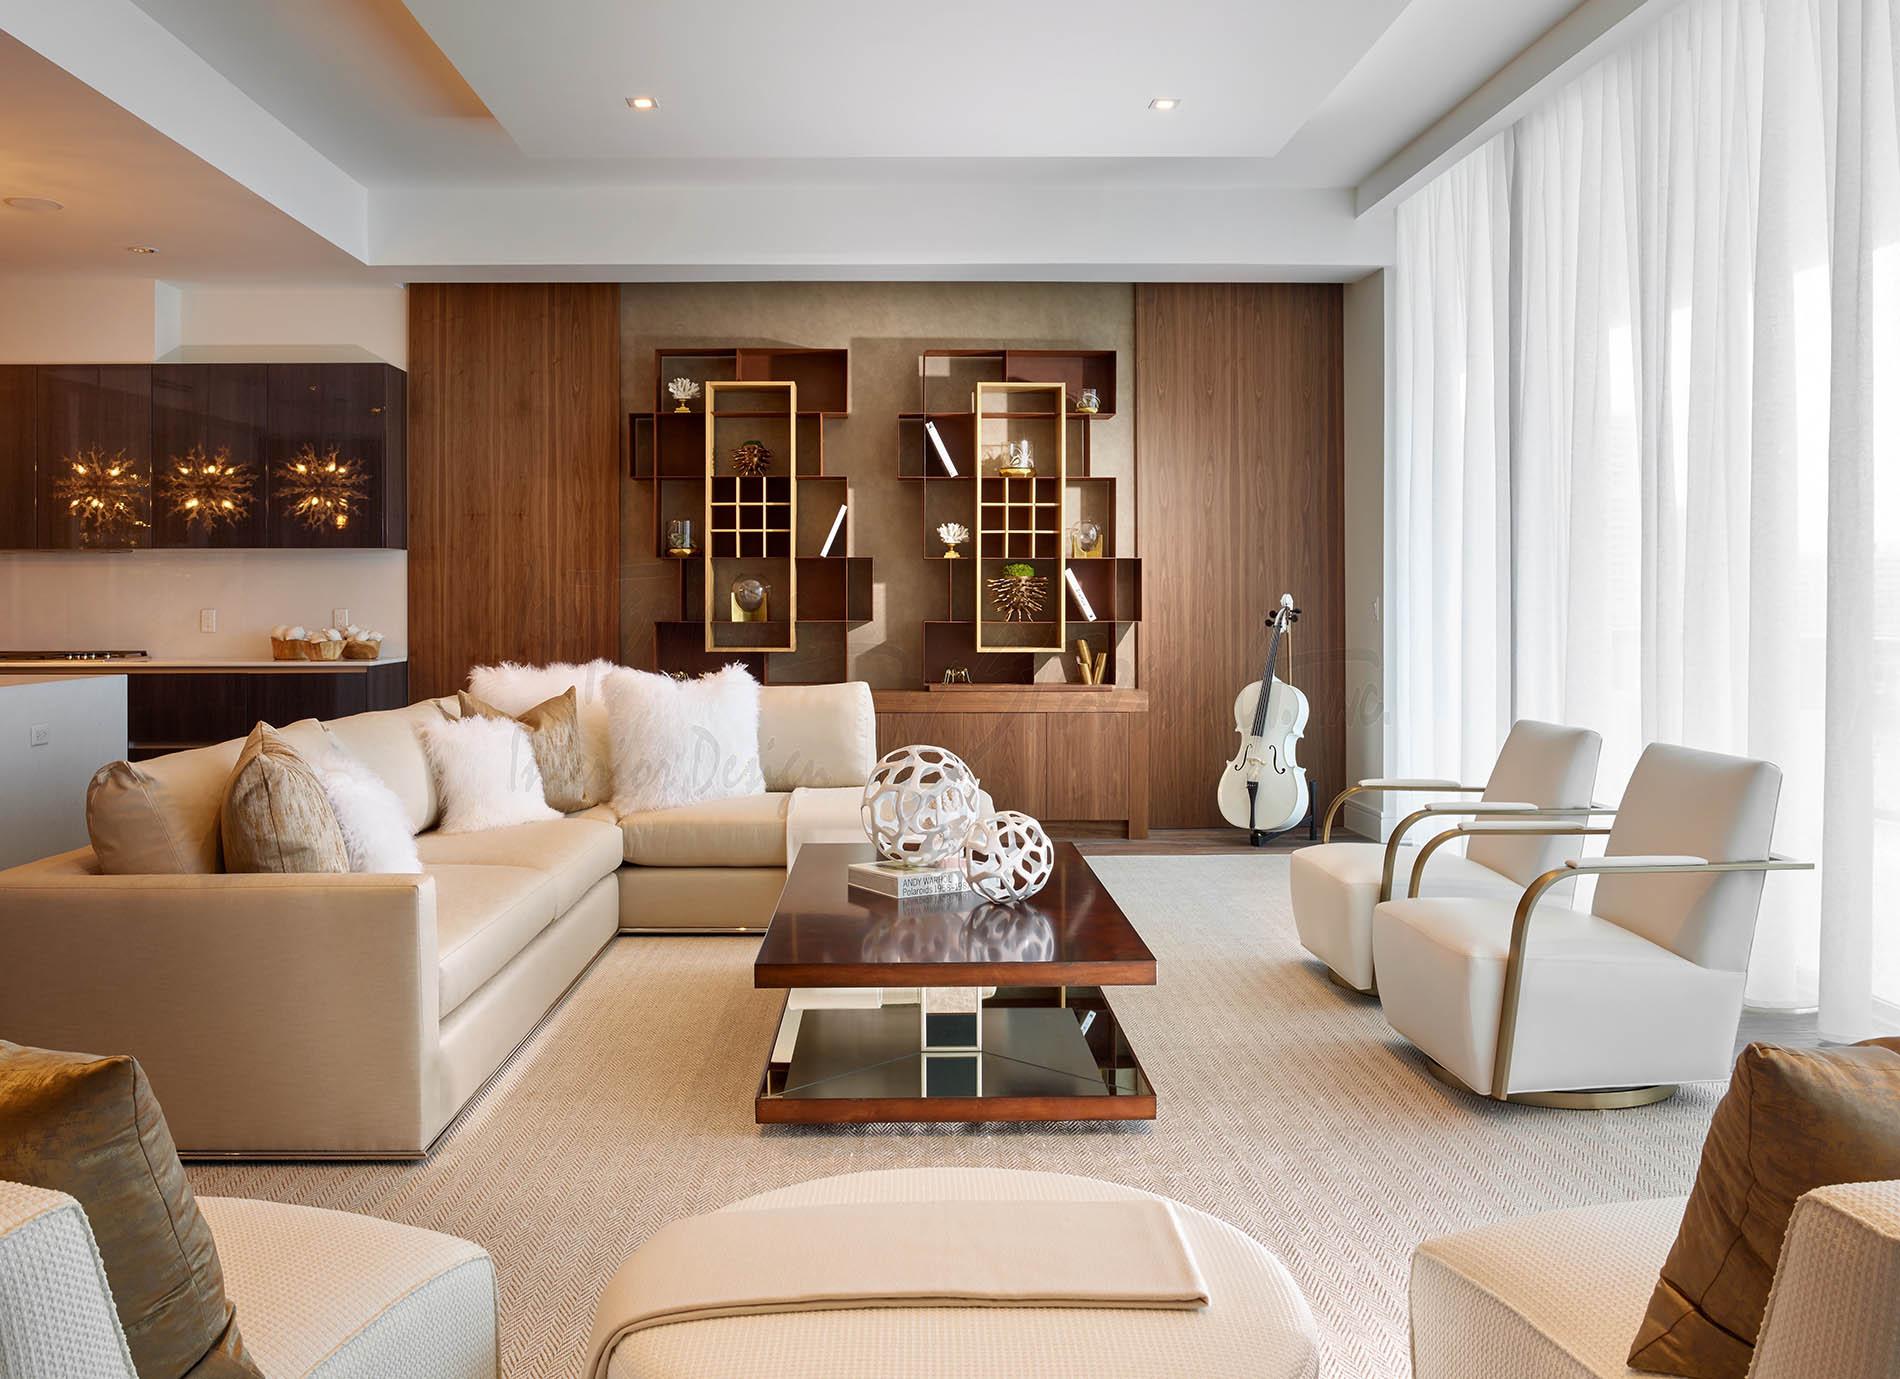 Uma Incr Vel Adega Decora Esta Sala Clique Arquitetura Seu  -> Adega Na Sala De Estar